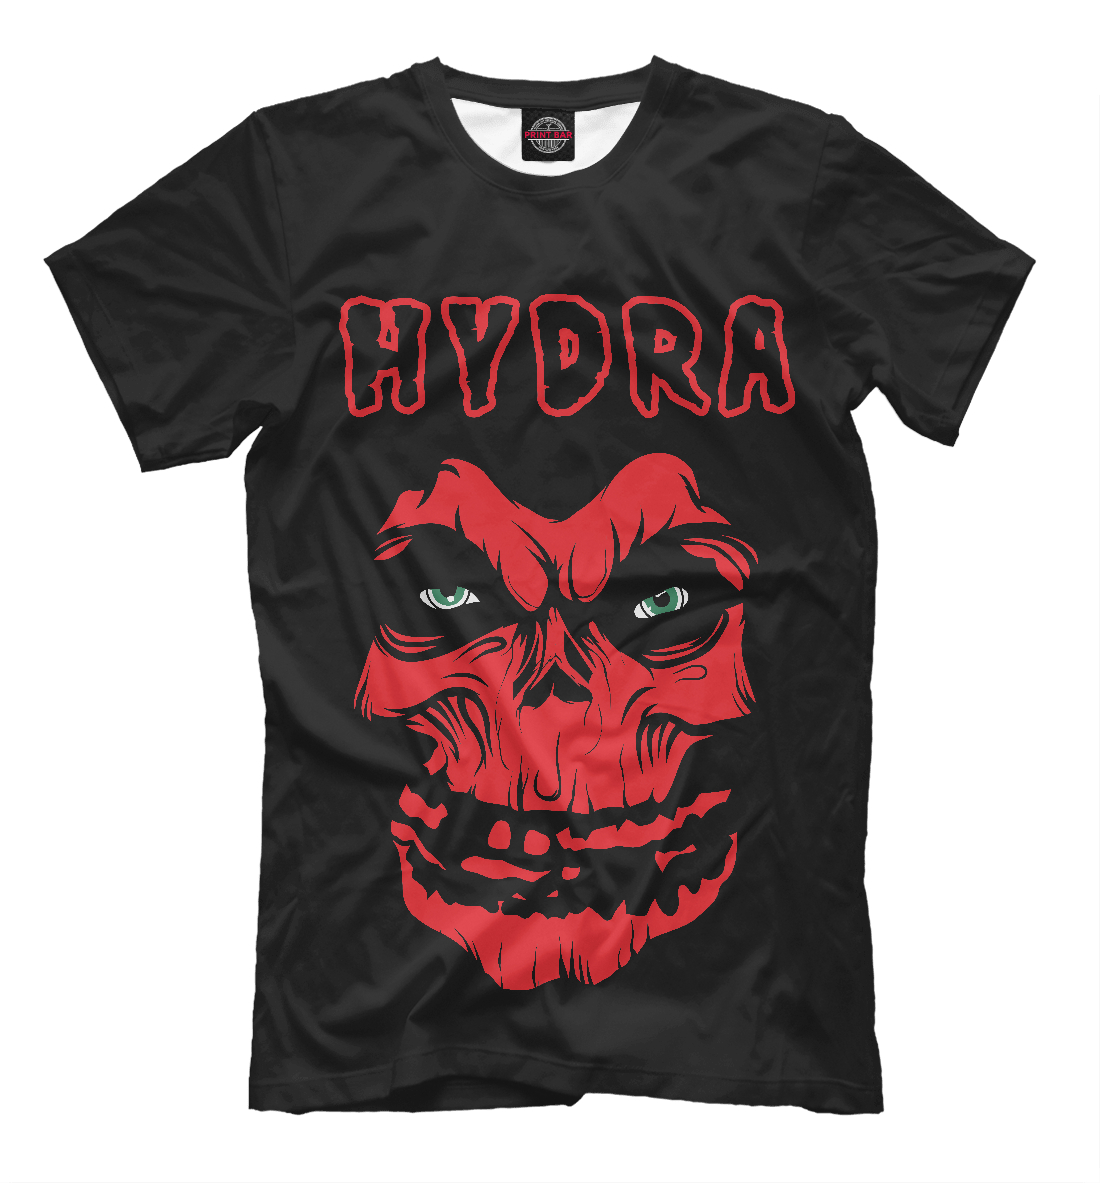 Купить Hydra Misfits, Printbar, Футболки, SKU-550255-fut-2